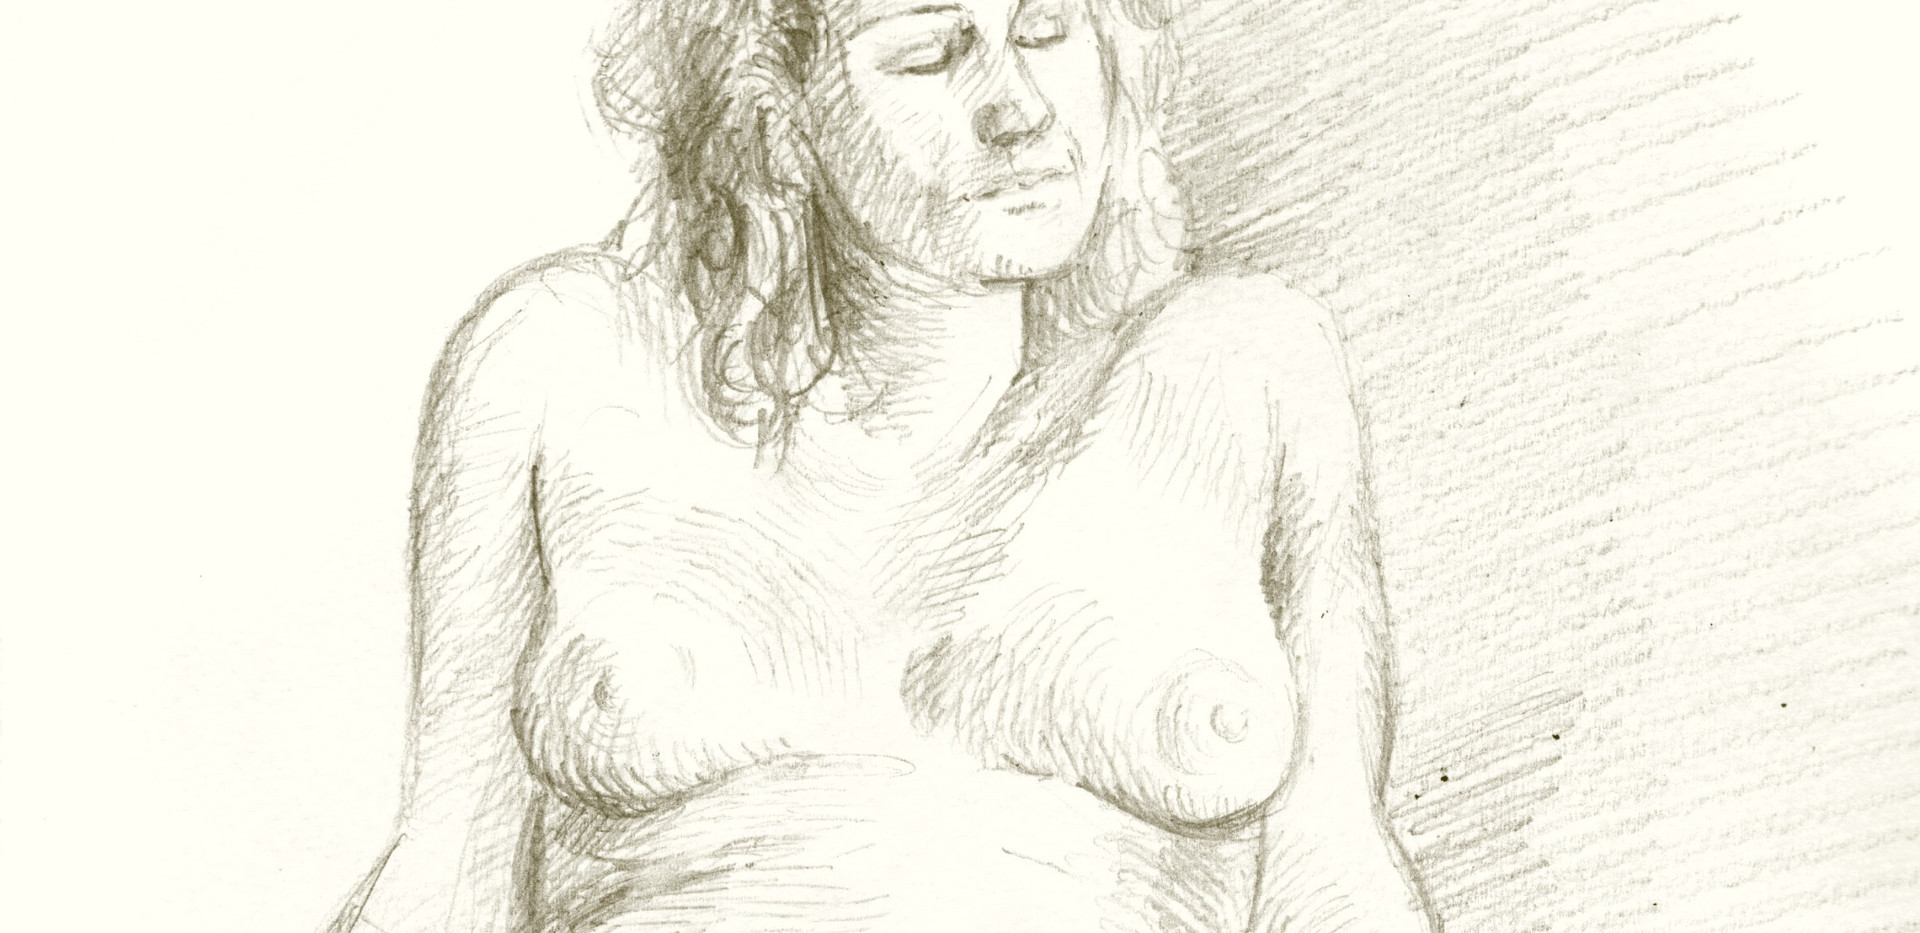 dessin modèle vivant femme by McFly-Illustration